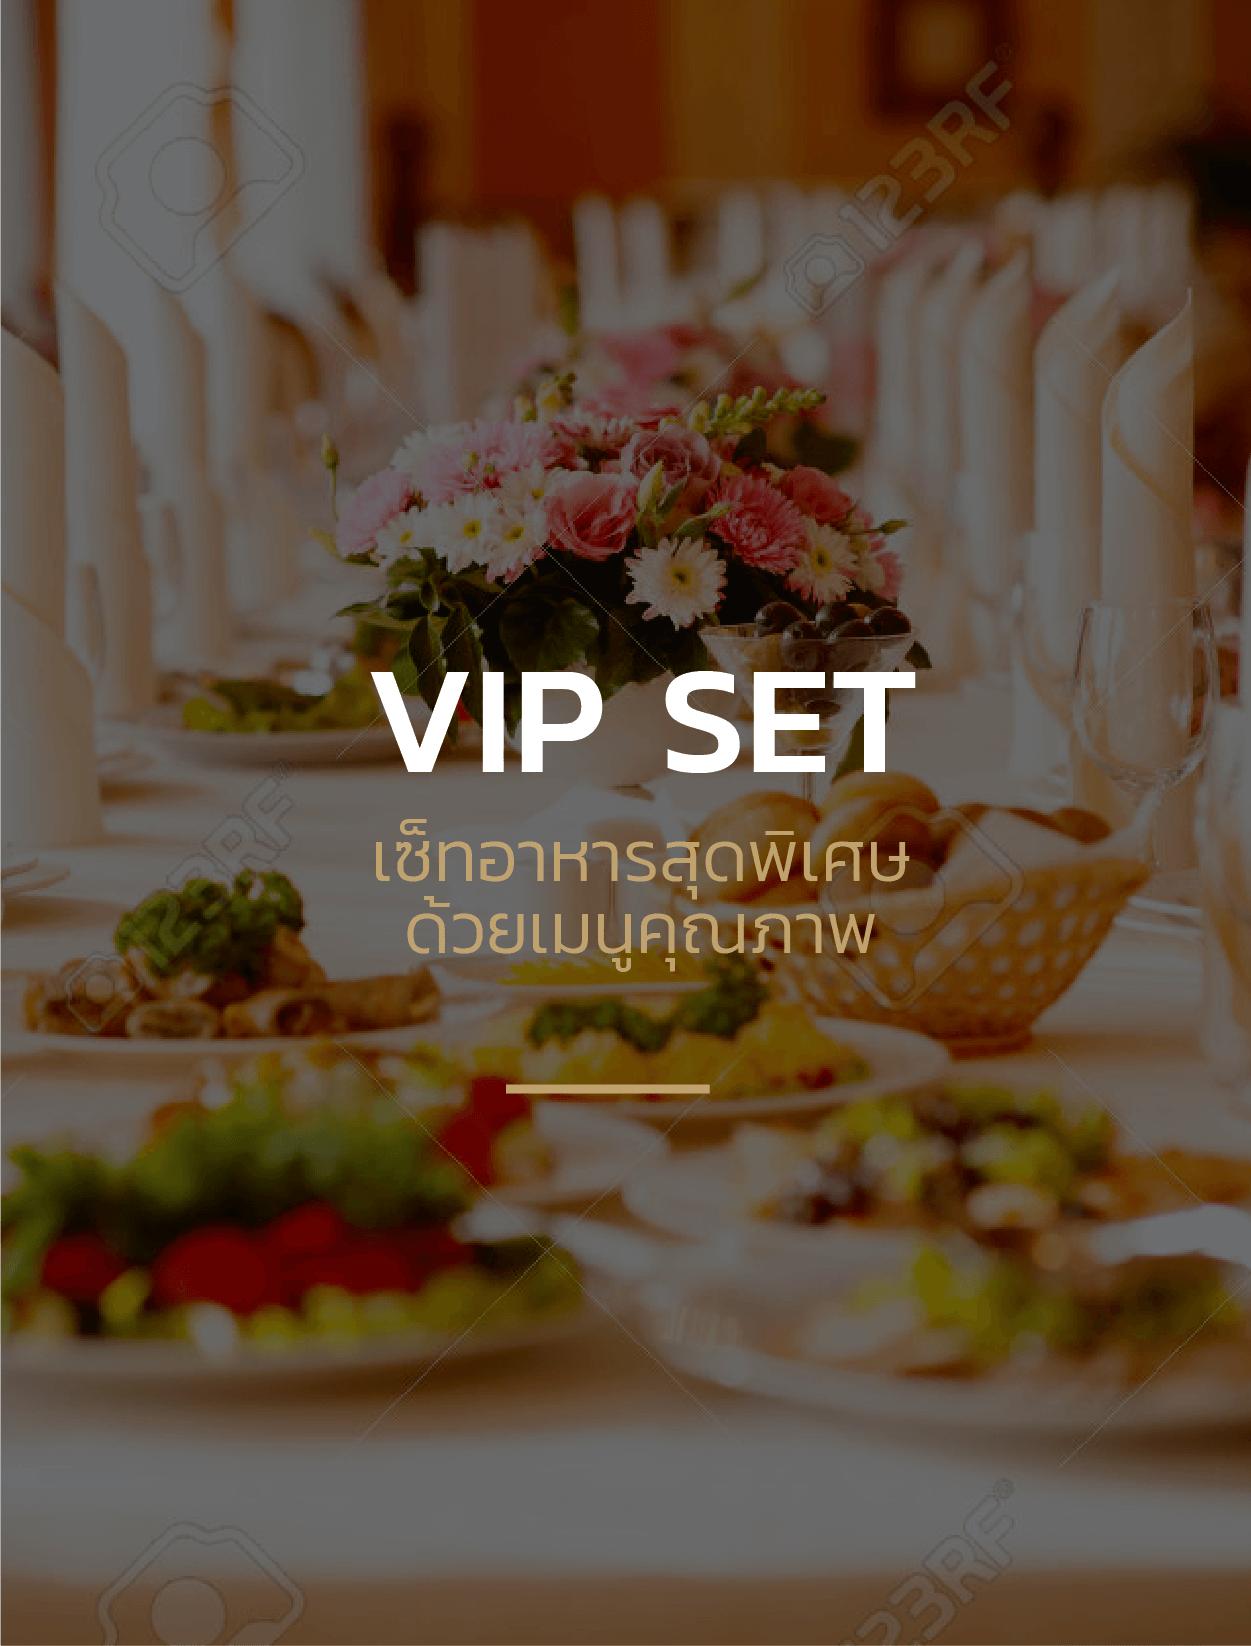 บริการอาหาร VIP Dinner Set สำหรับแขกคนพิเศษ